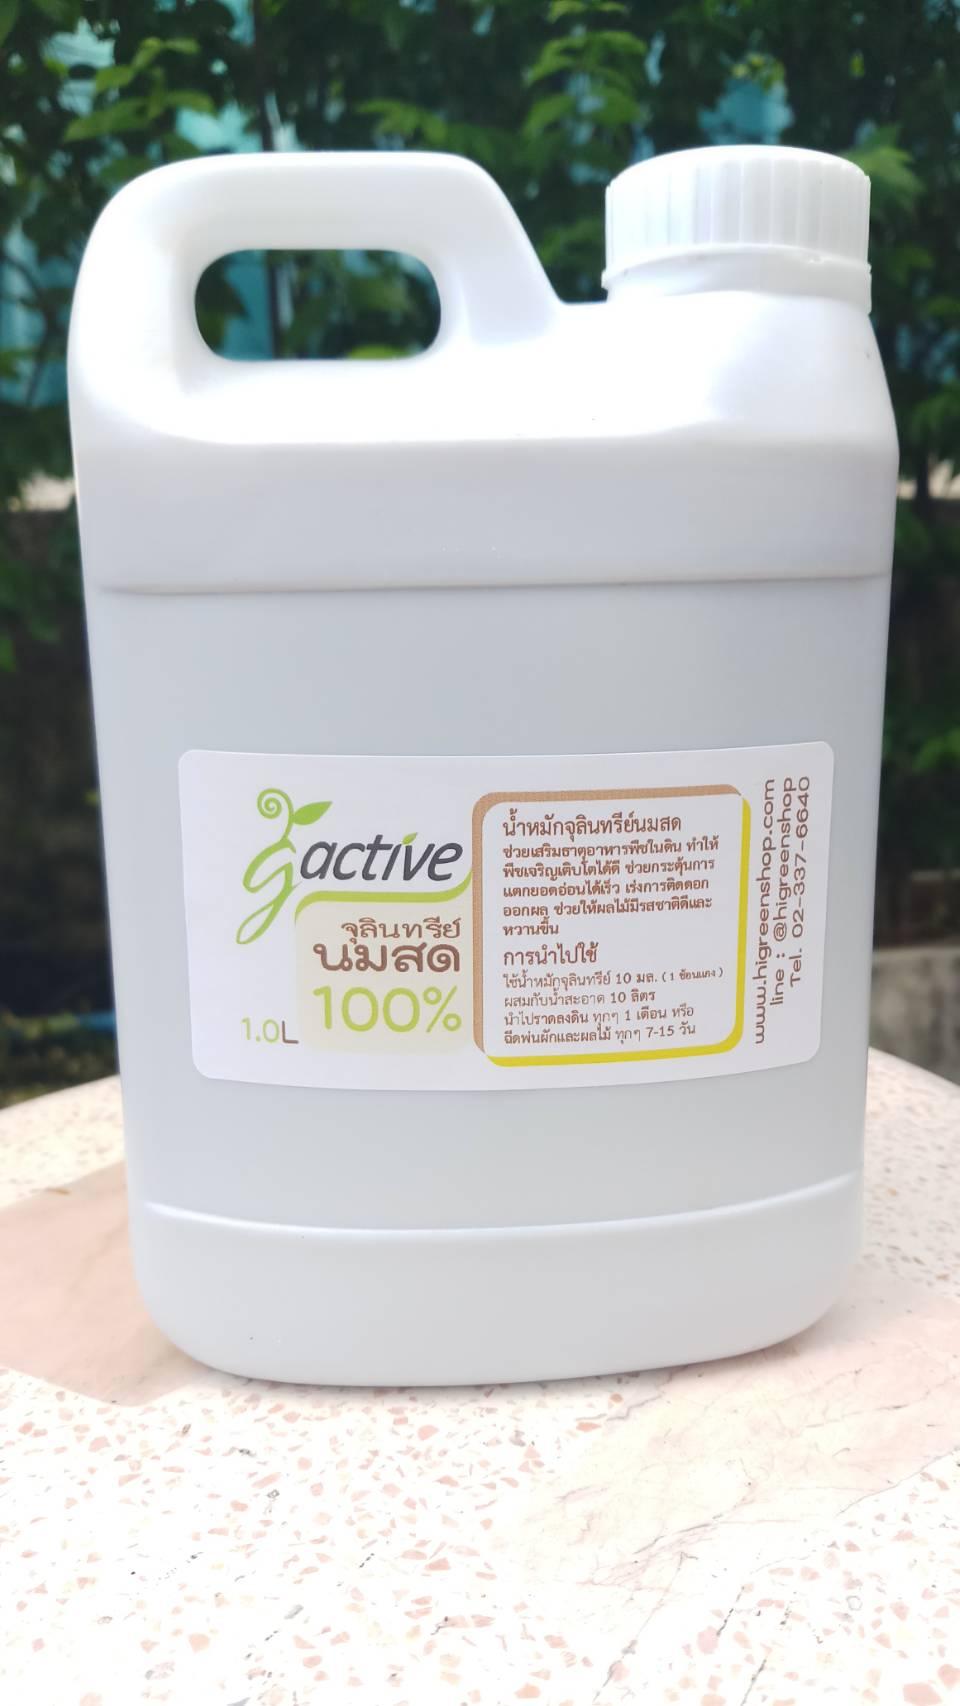 น้ำหมักจุลินทรีย์นมสด ขนาด 1000 มล.